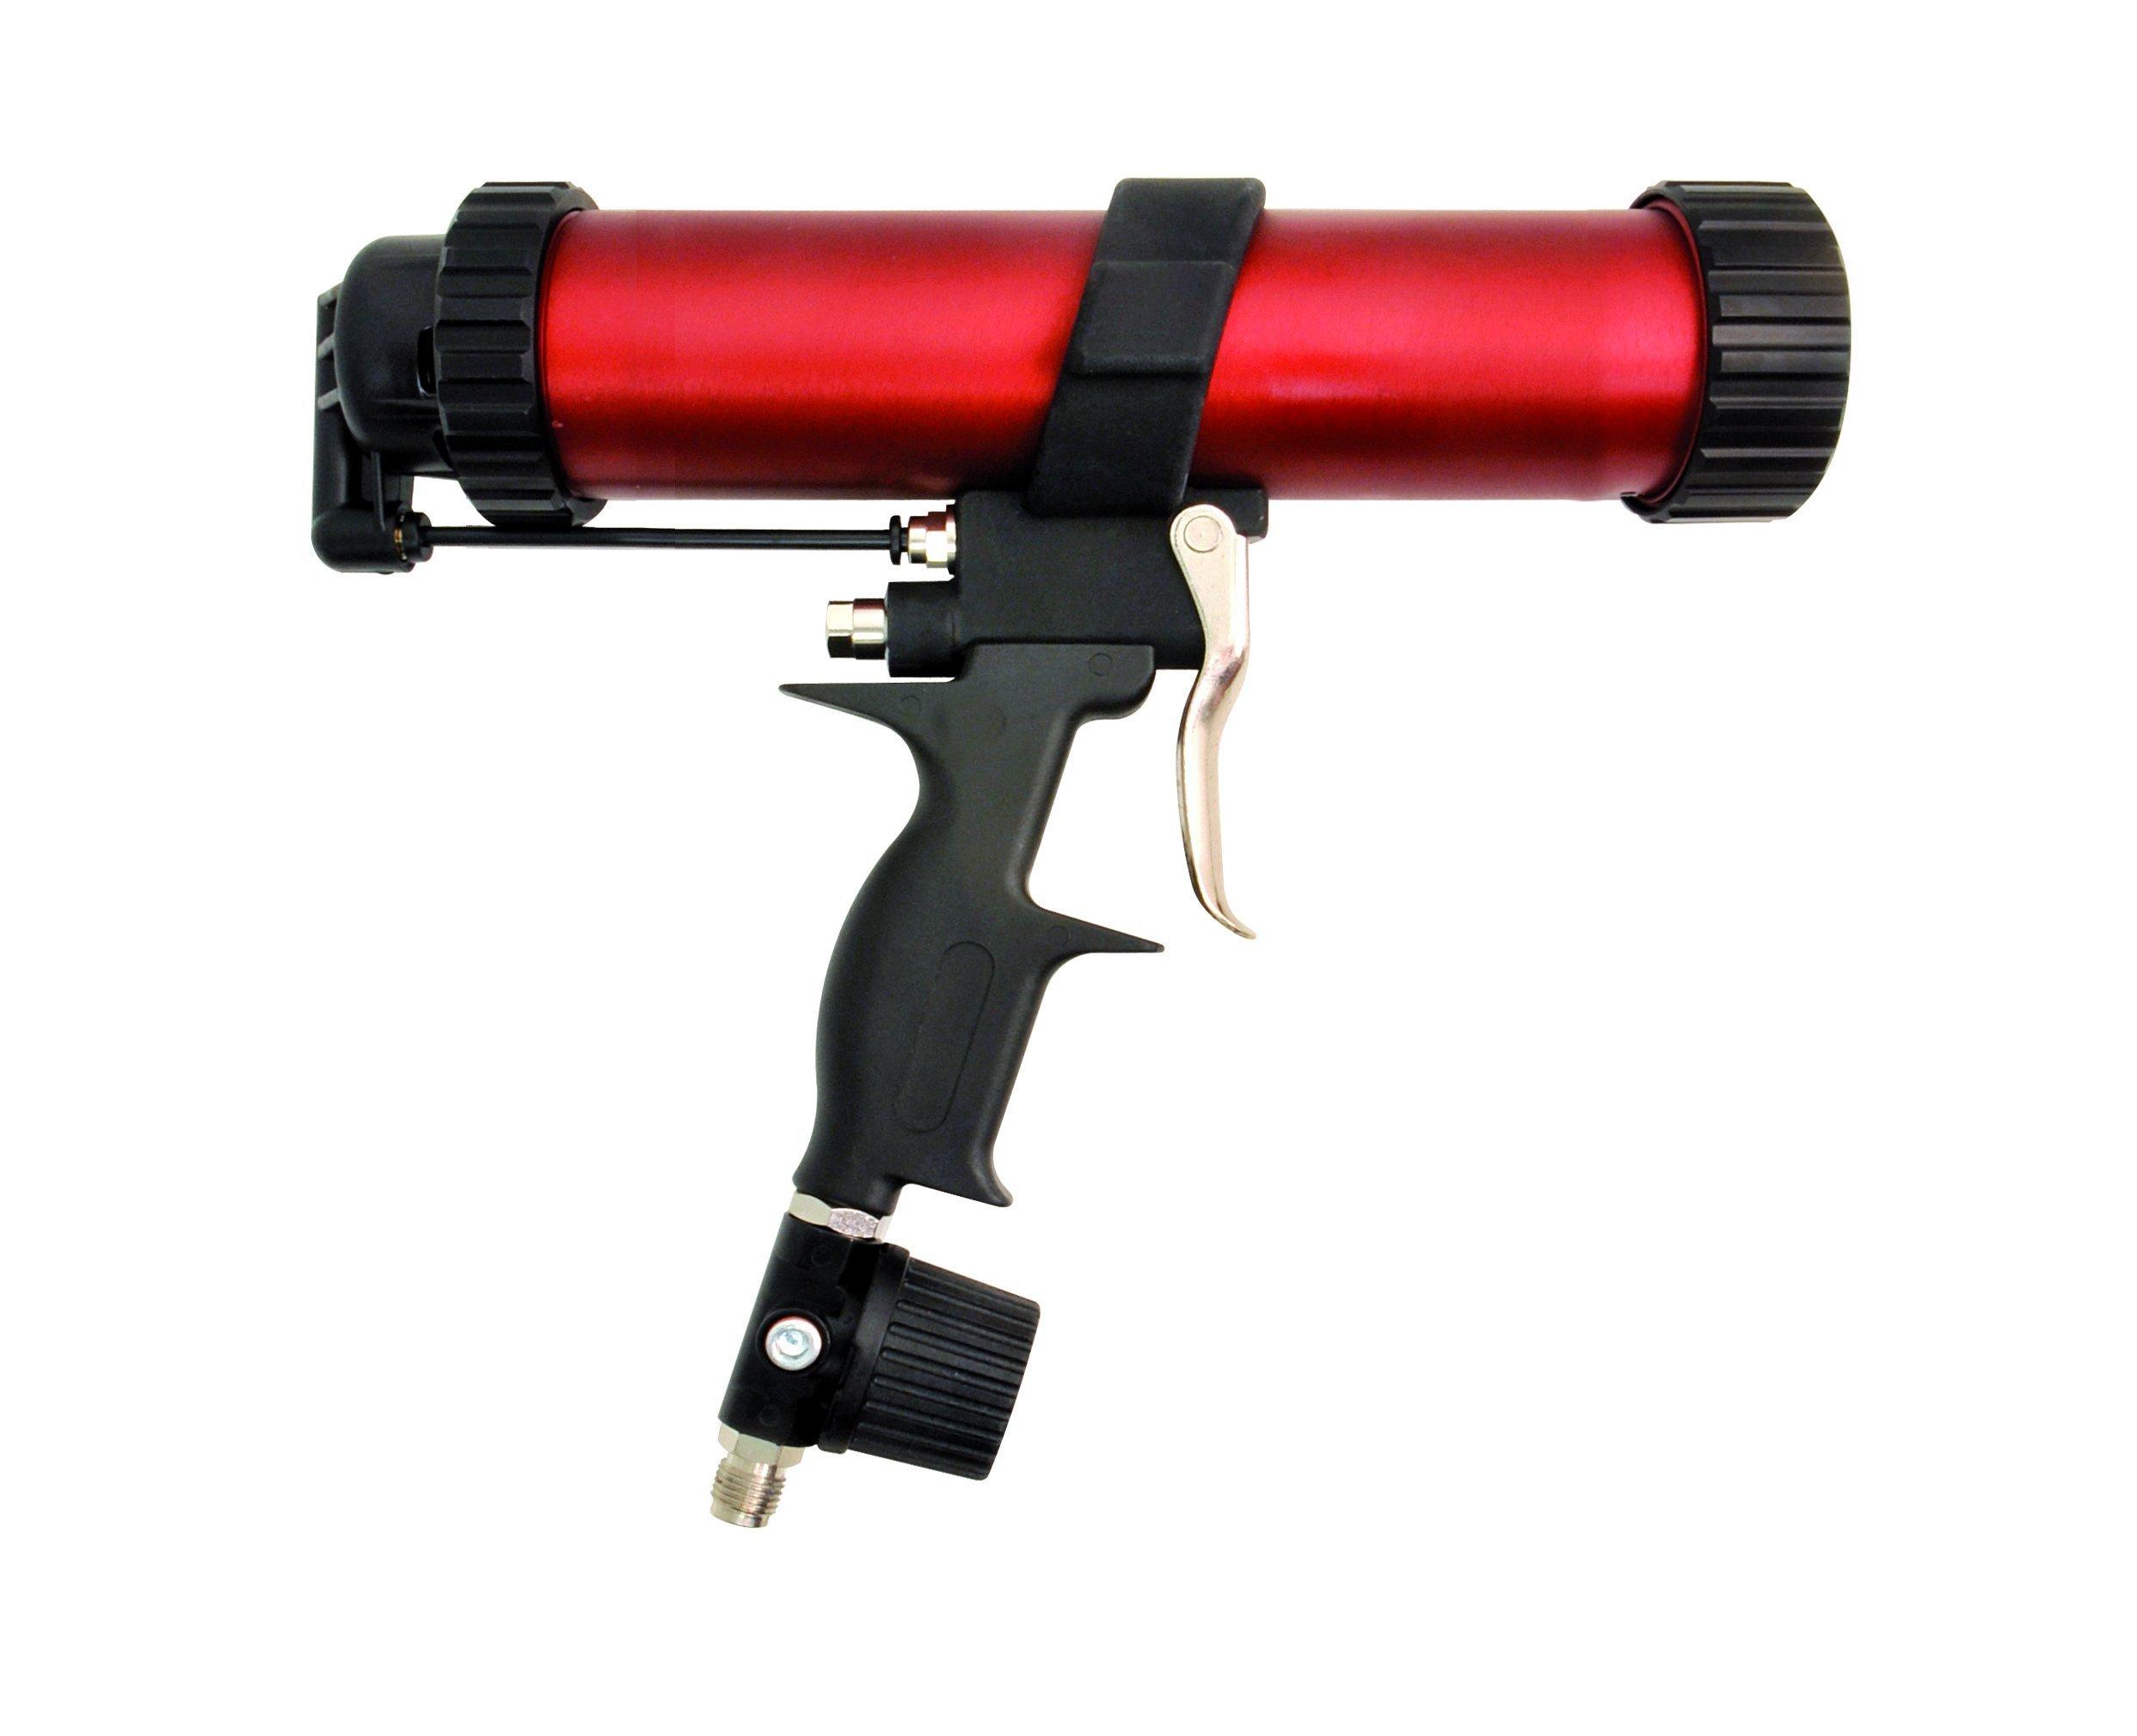 Pneumatic Cartridge Caulking Gun by PMT